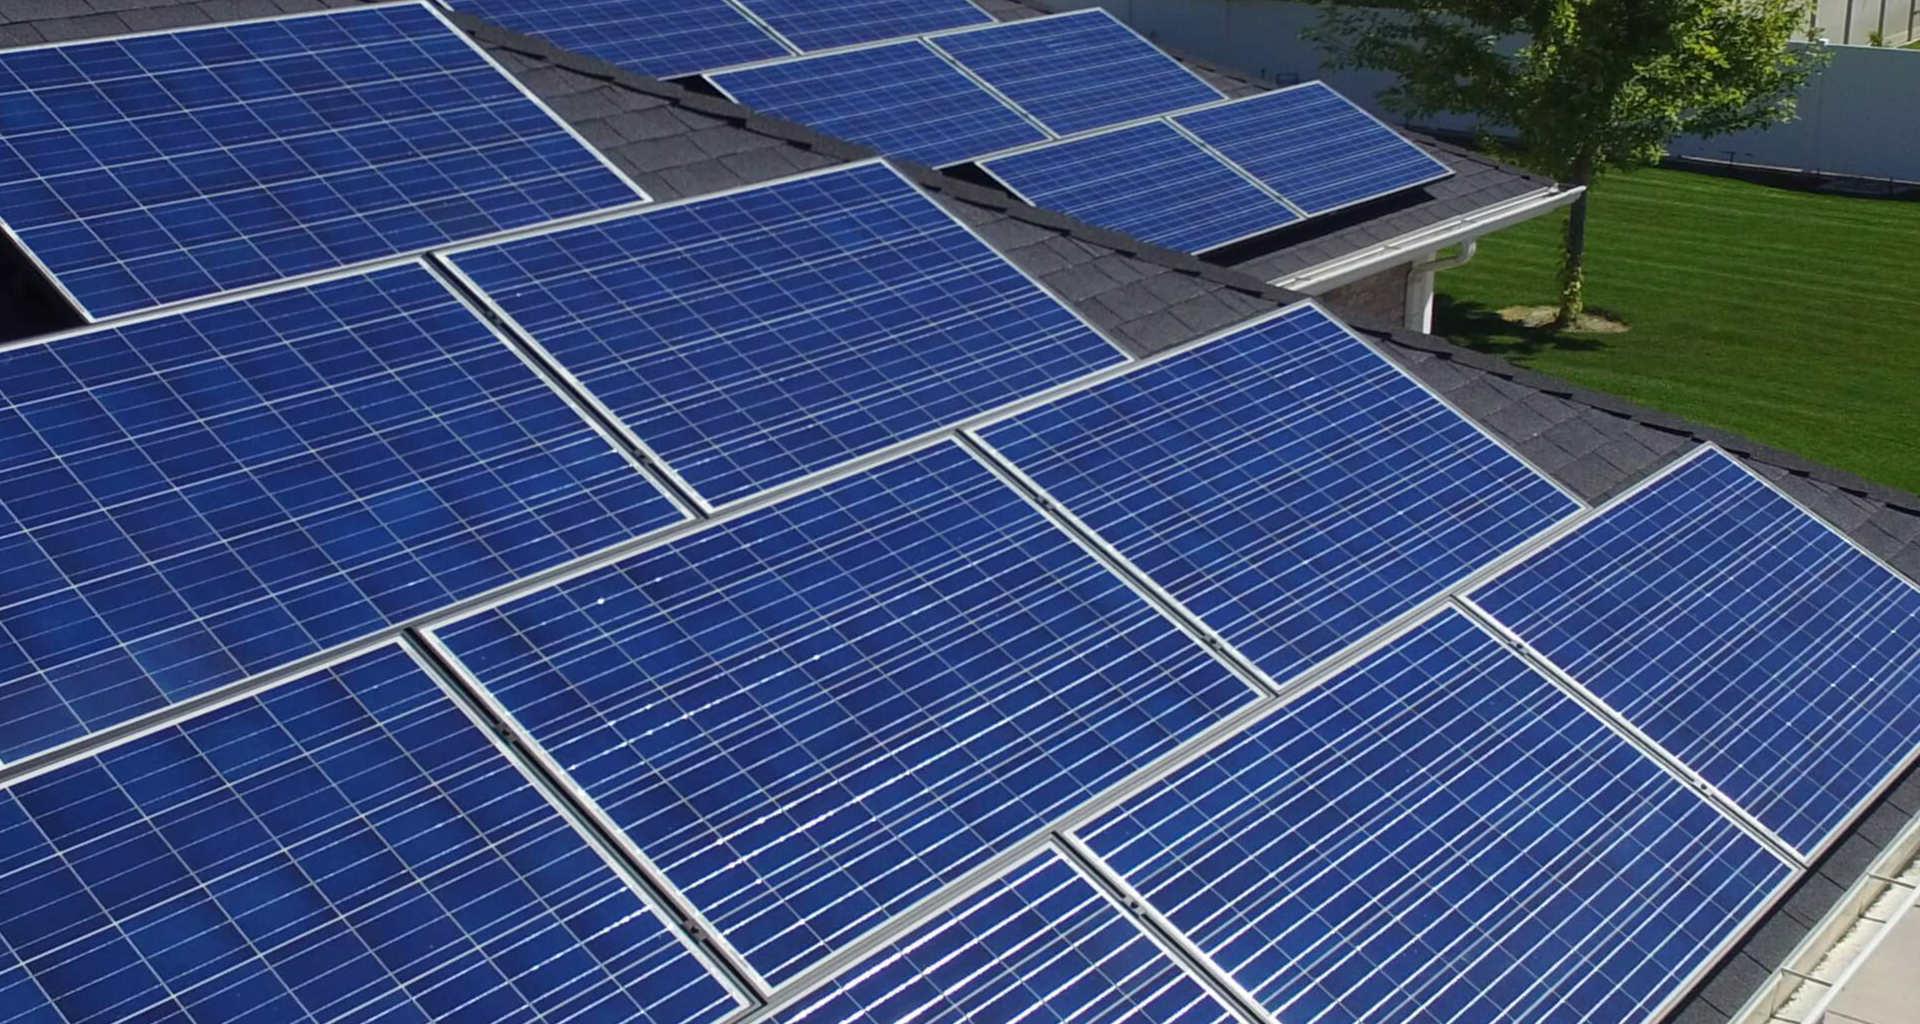 Iščete strokovnjaka za sončne elektrarne? Pomagali vam bomo najti pravega specialista za sončne elektrarne